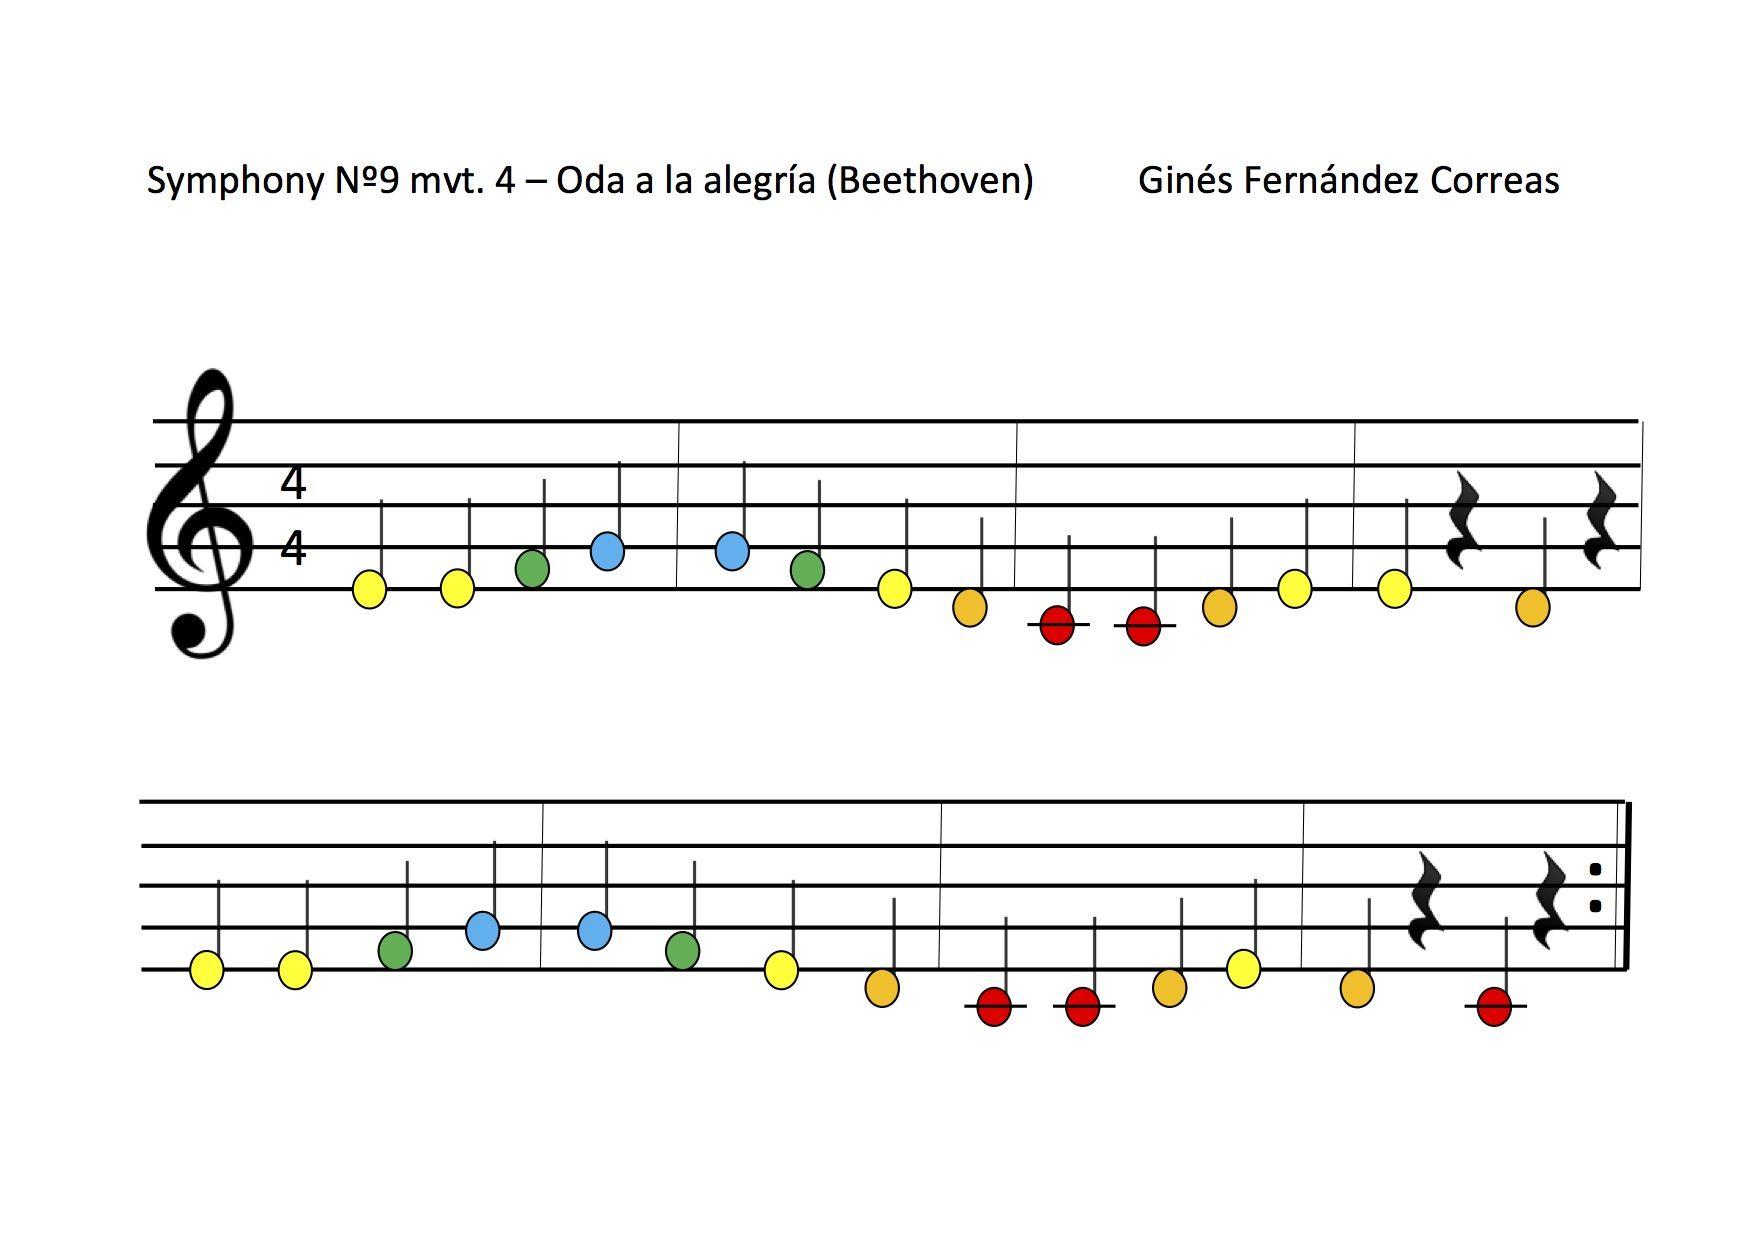 Himno De La Alegría Beethoven Canción Infantil Para Xilófono De Colores Cancion De La Alegria Canciones Infantiles Canciones Para Piano